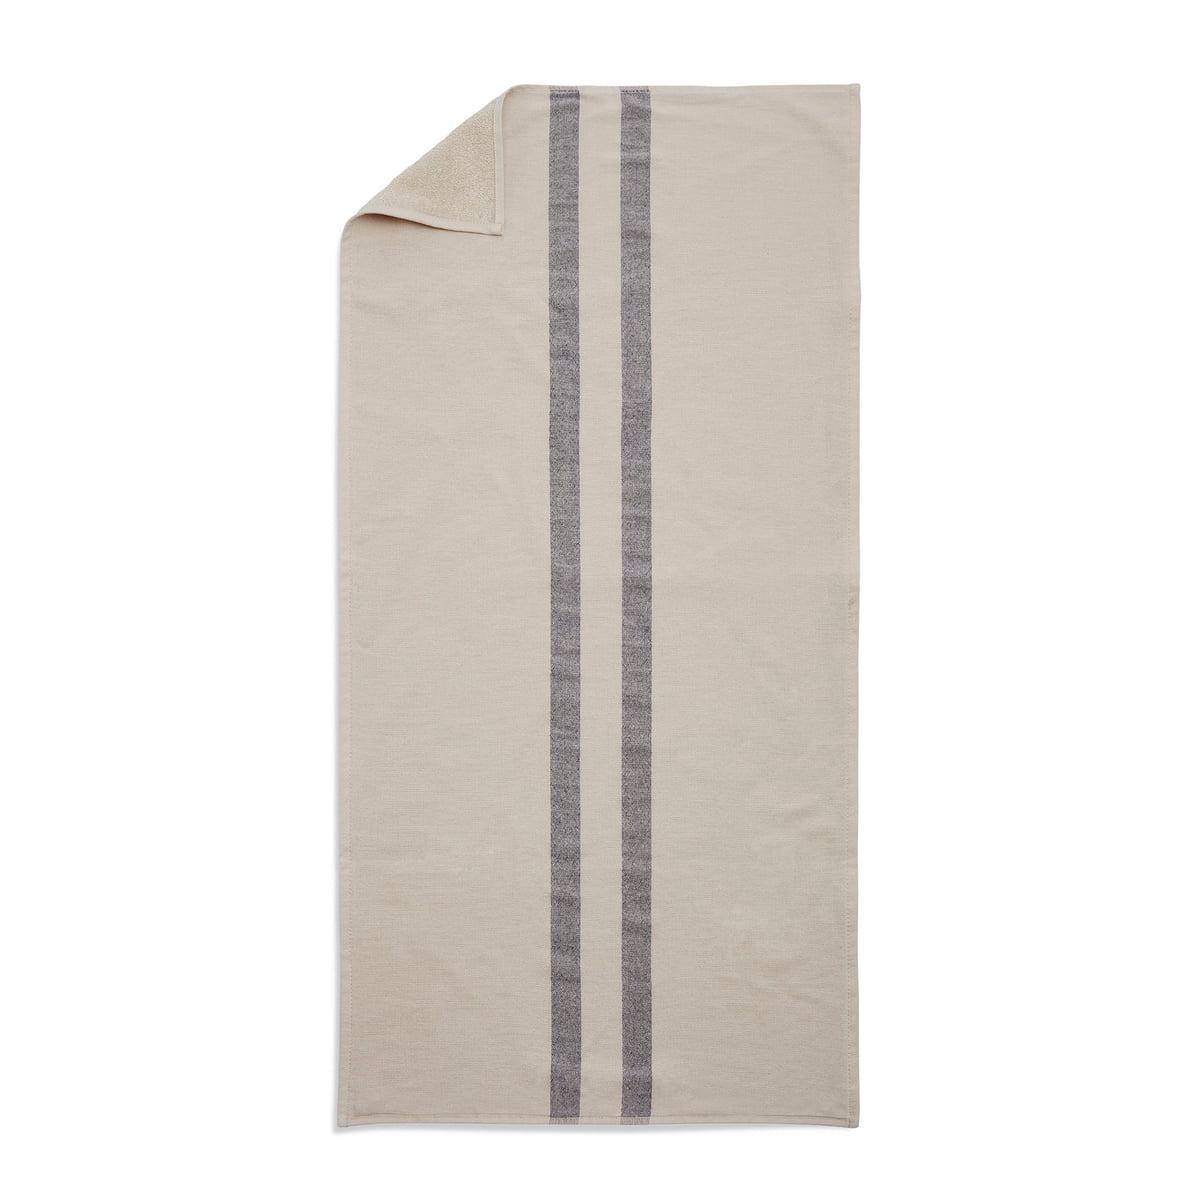 Skagerak - Stripes Towel Badetuch, 70 x 140 cm, cream / dark blue   Bad > Handtücher   Beige   Baumwolle   Skagerak